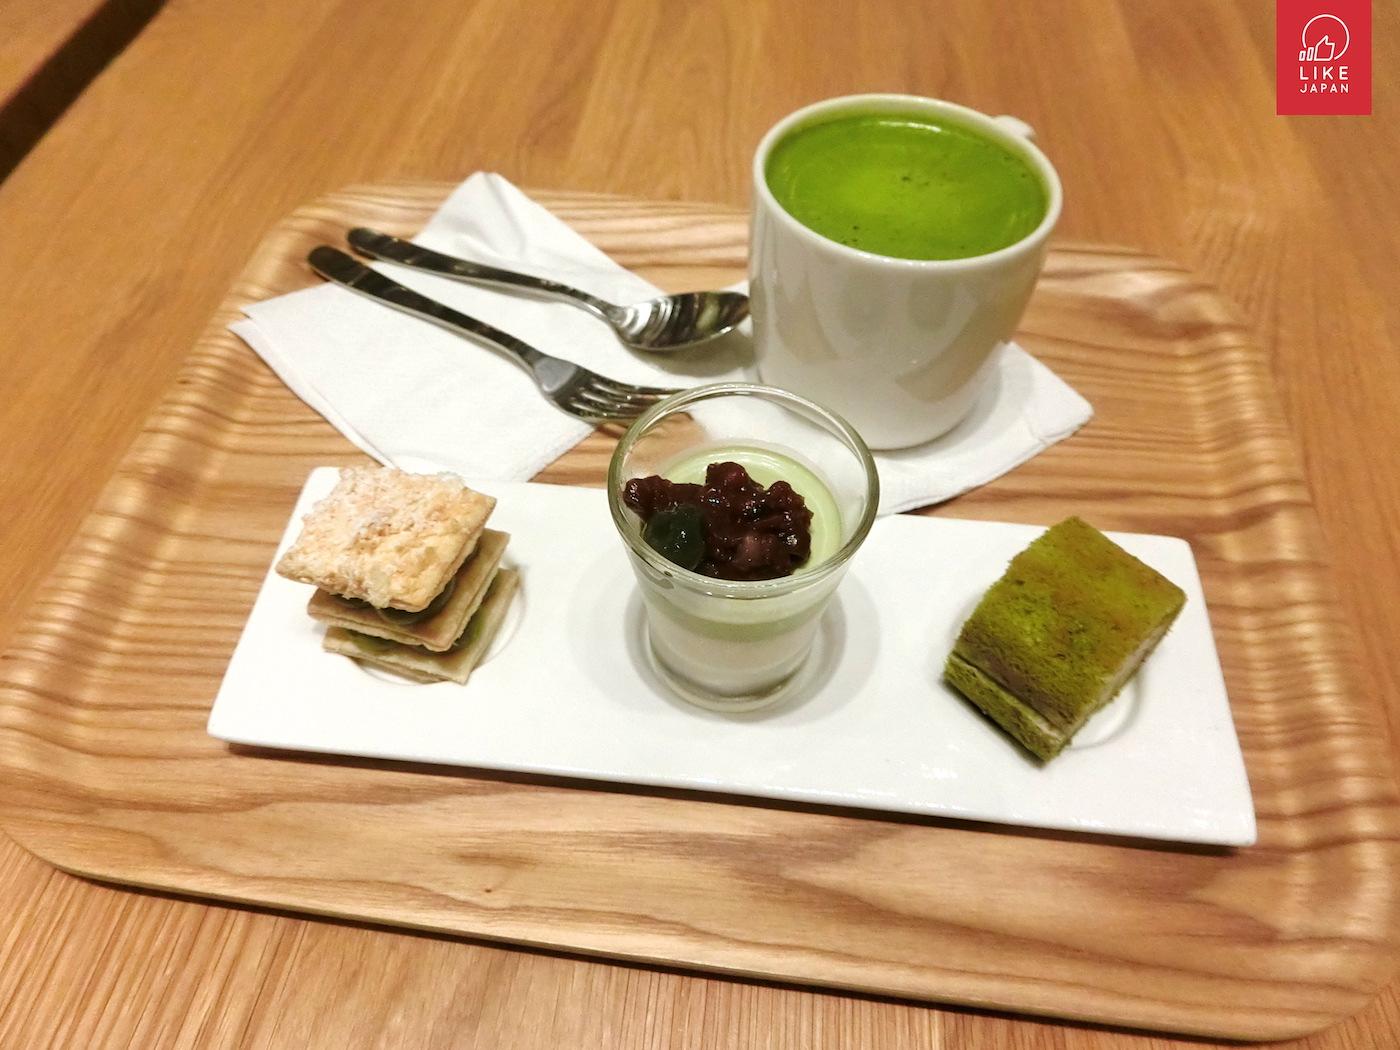 奧海城 MUJI Cafe 季節限定 抹茶甜品試食!